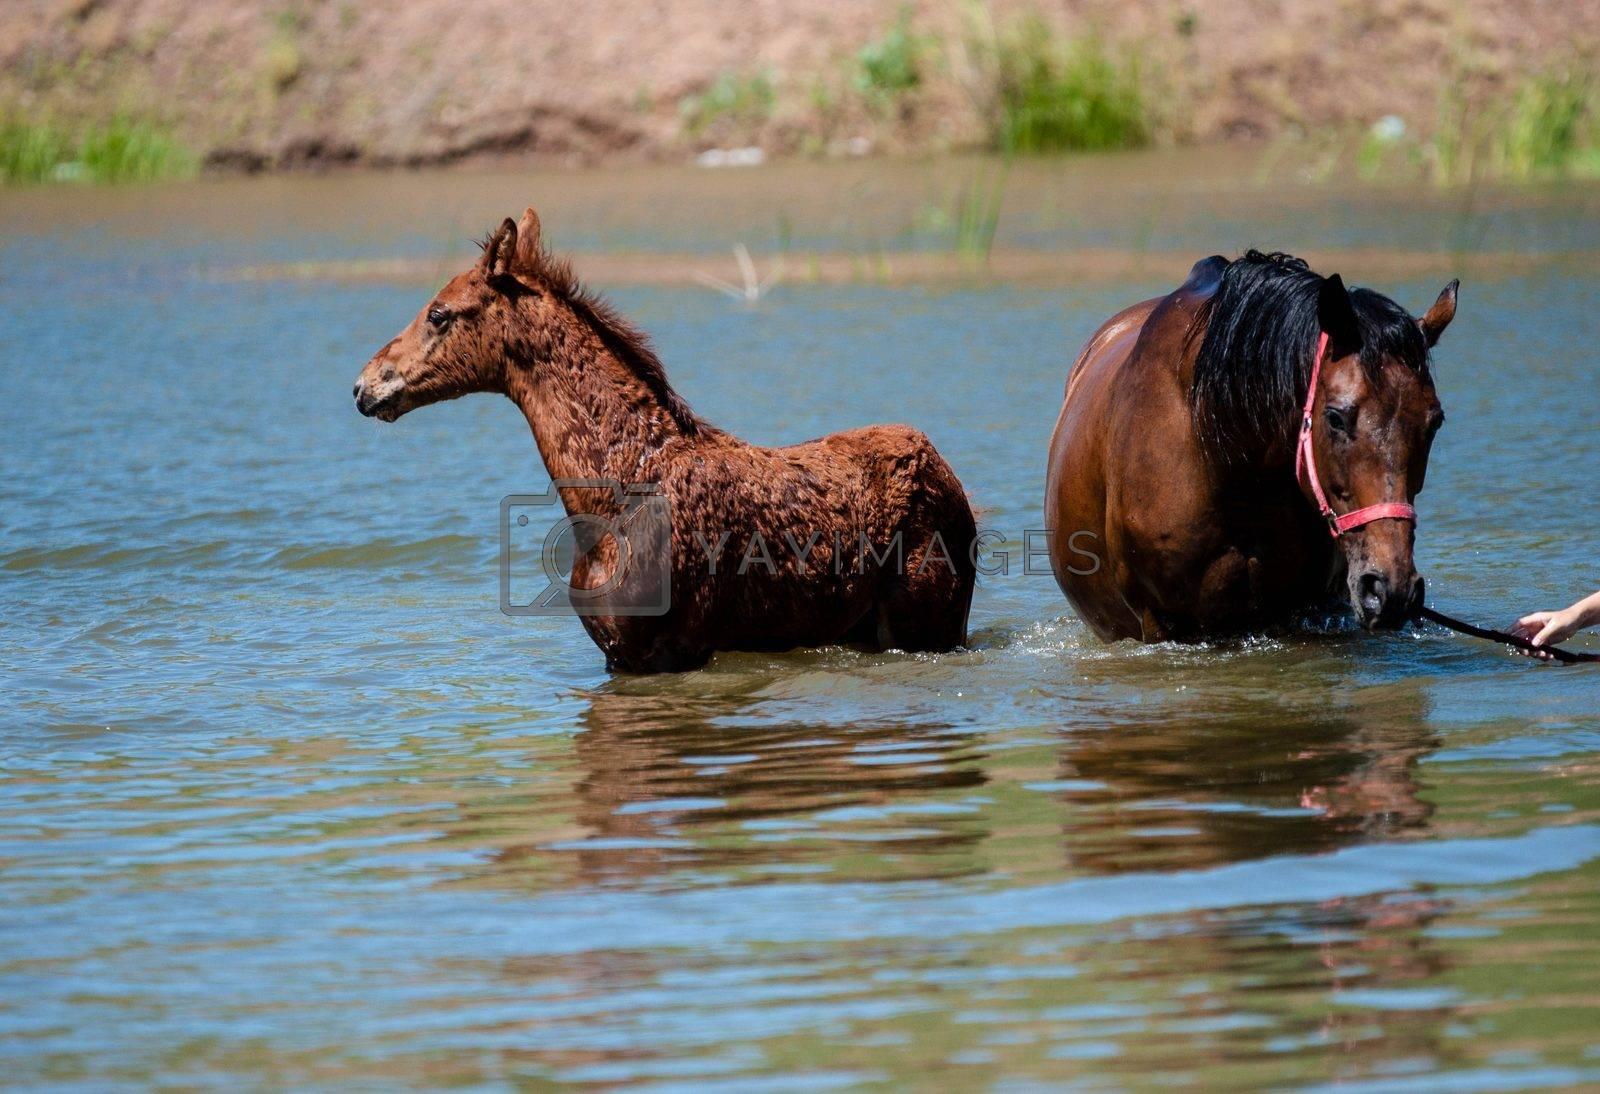 Horses in water by vladimirvasil